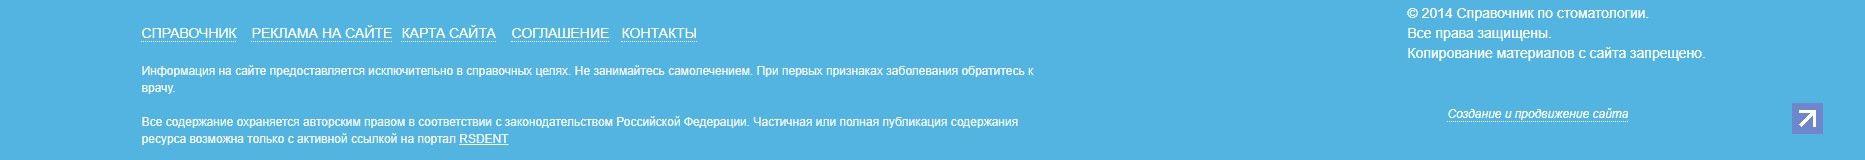 Текст отказа от ответственности в футере на примере rsdent.ru